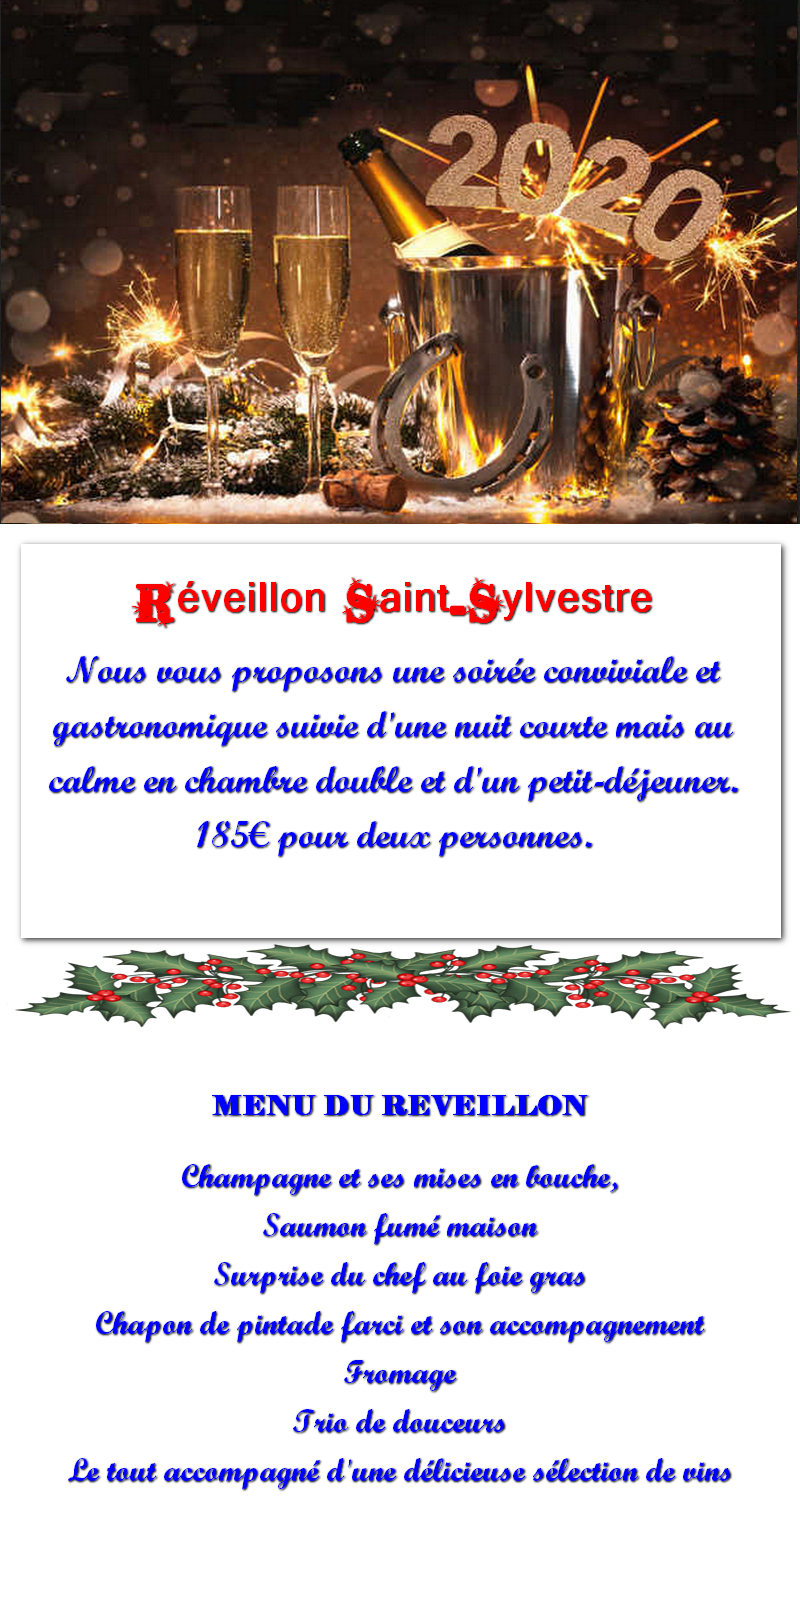 réveillon en chambres d'hôtes sorbais Aisne 02 La Capelle Vervins, Guise, Saint Michel en Thiérache Picardie  et chevaux